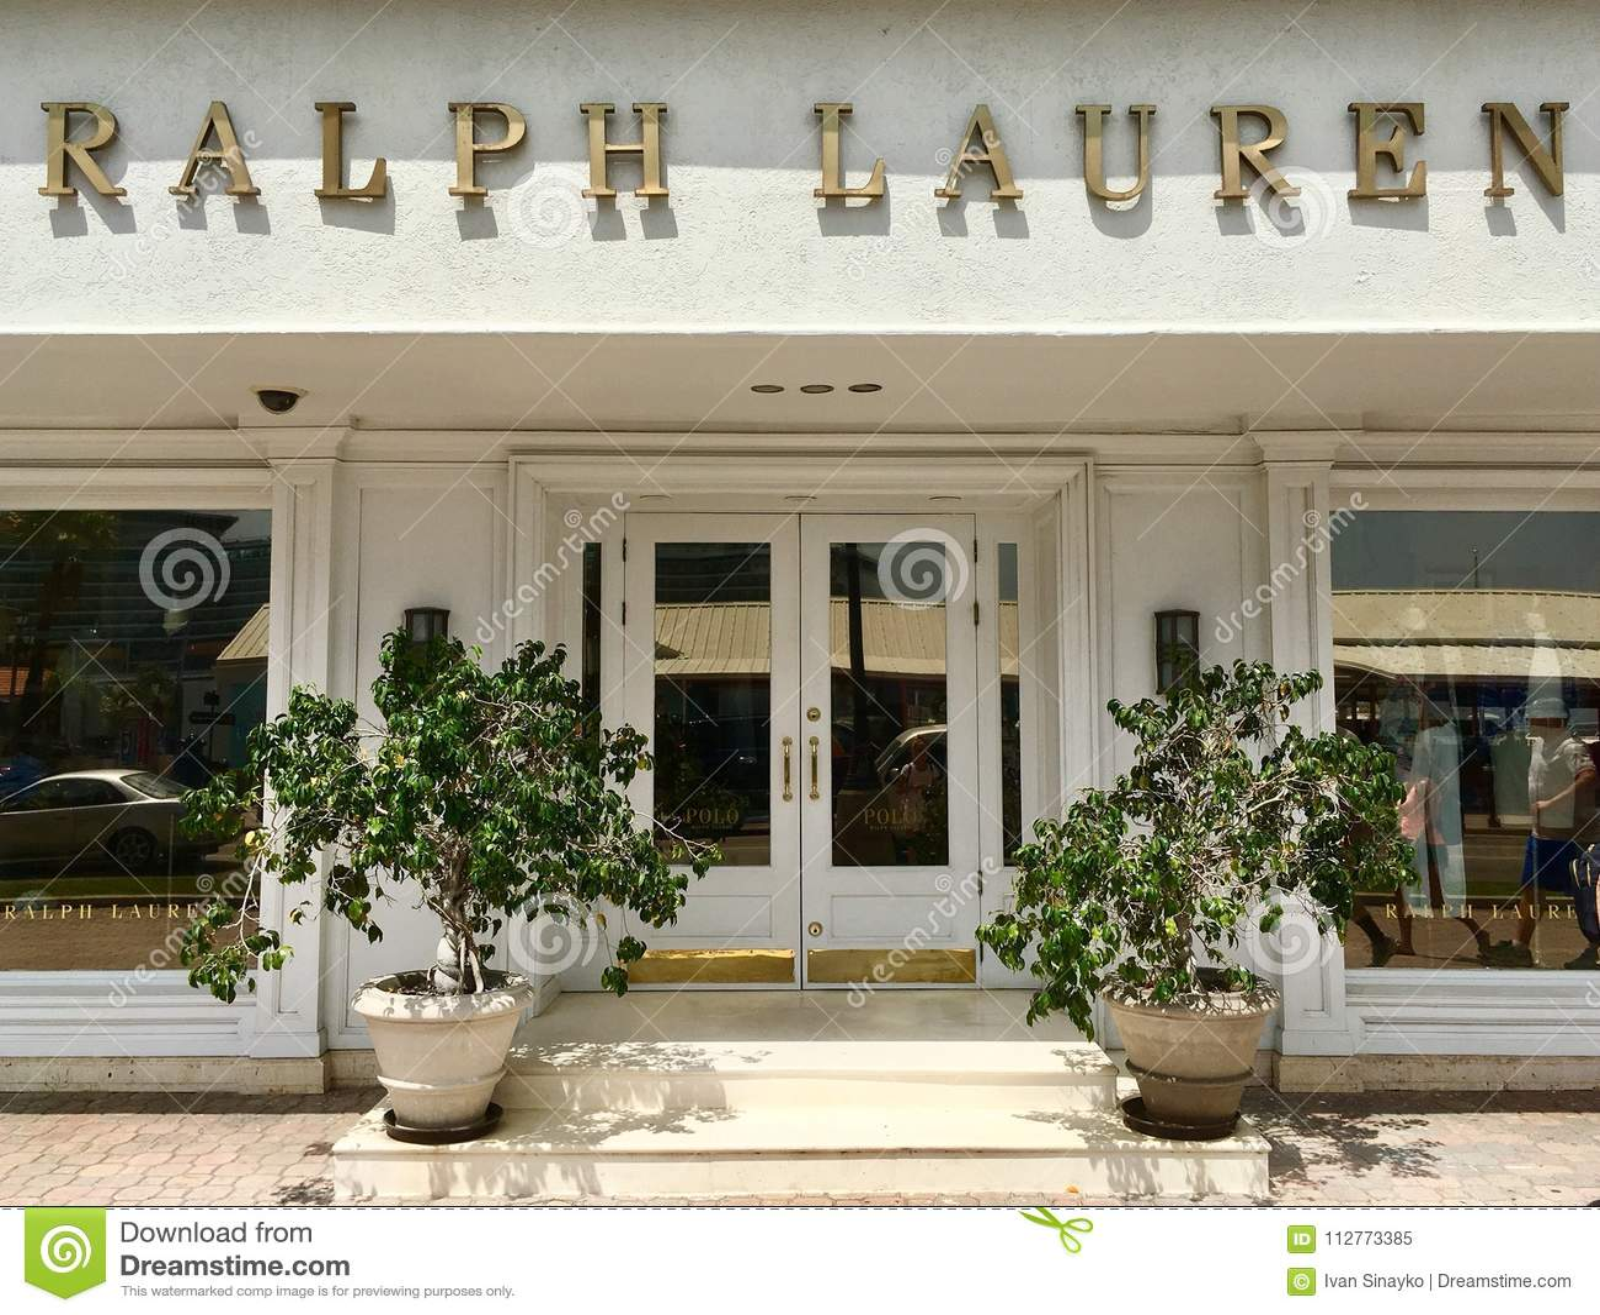 a62ddf7ad Ralph Lauren brand store in Aruba. Ralph Lauren offers luxury and designer  men`s and women`s clothing